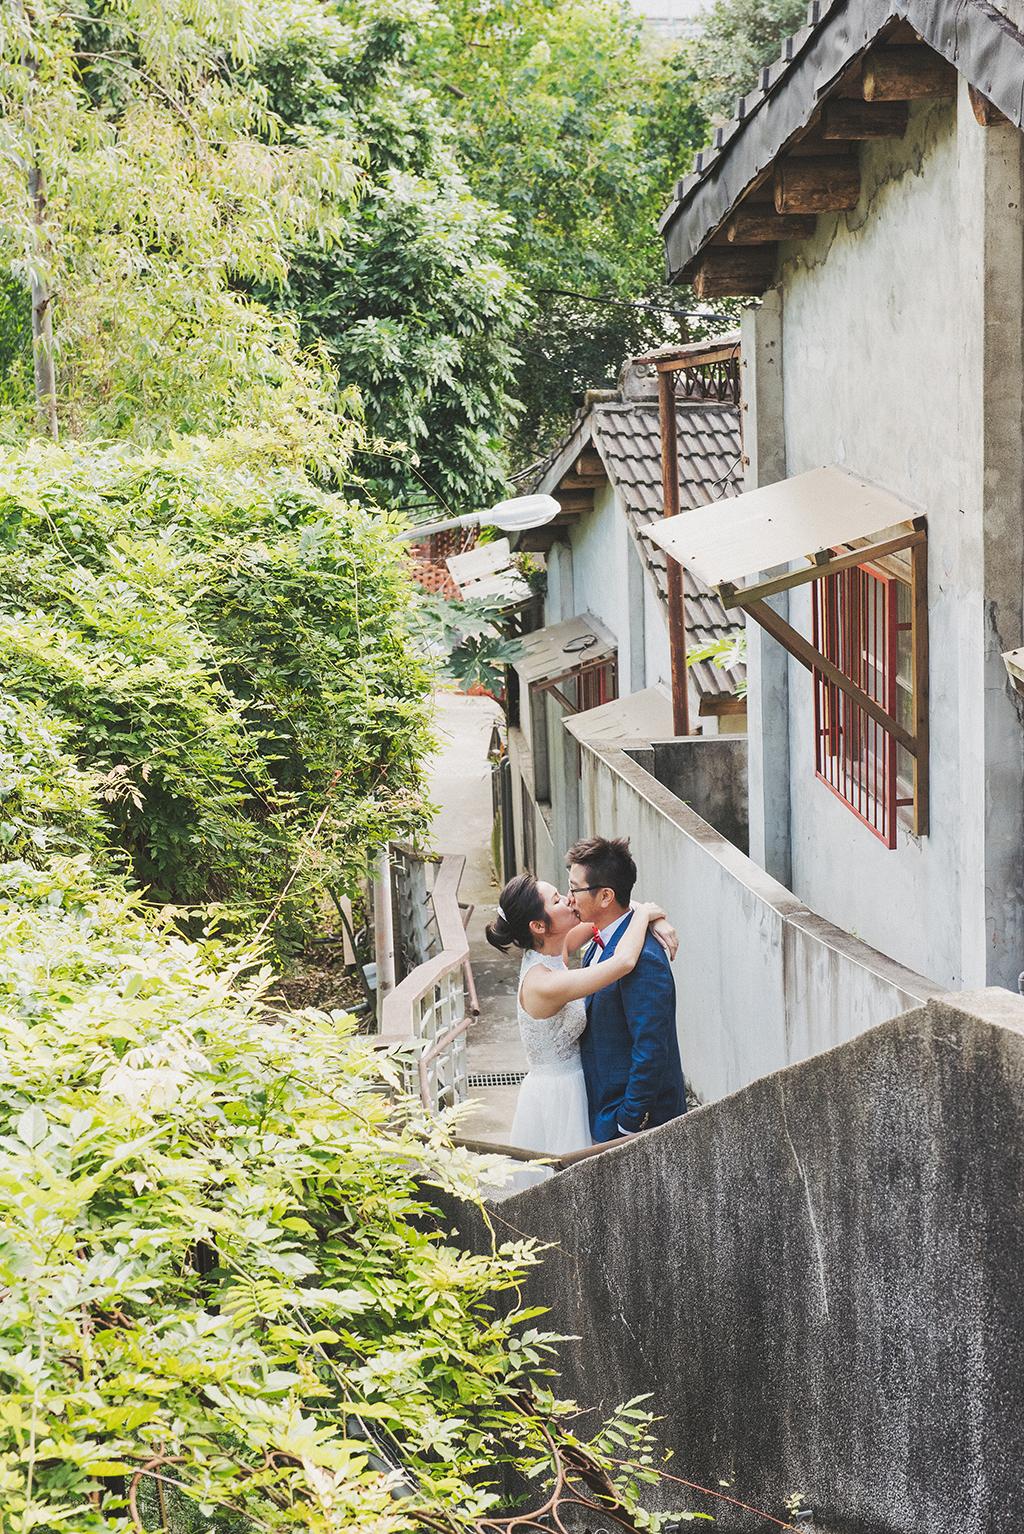 台灣特有的崎嶇狹小巷弄好像上演了很多故事